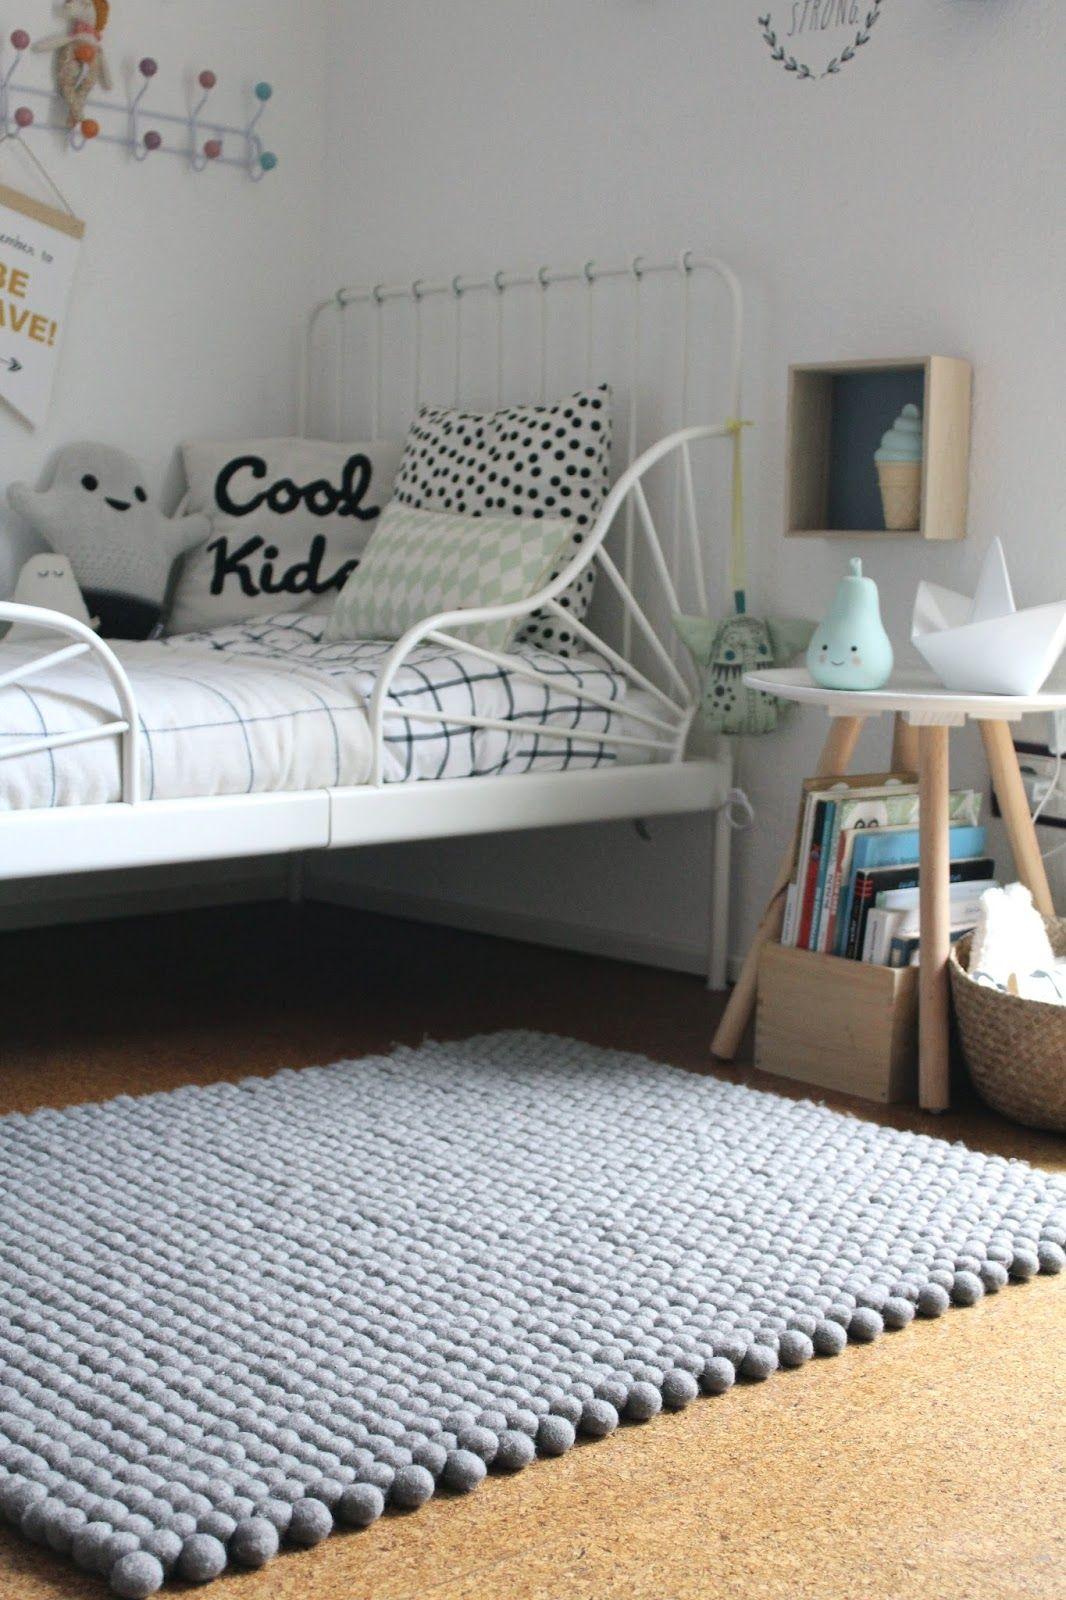 Full Size of Diesen Wunderschnen Filzkugelteppich Haben Wir Jetzt Bereits Kinderzimmer Regal Weiß Regale Wohnzimmer Teppiche Sofa Kinderzimmer Kinderzimmer Teppiche